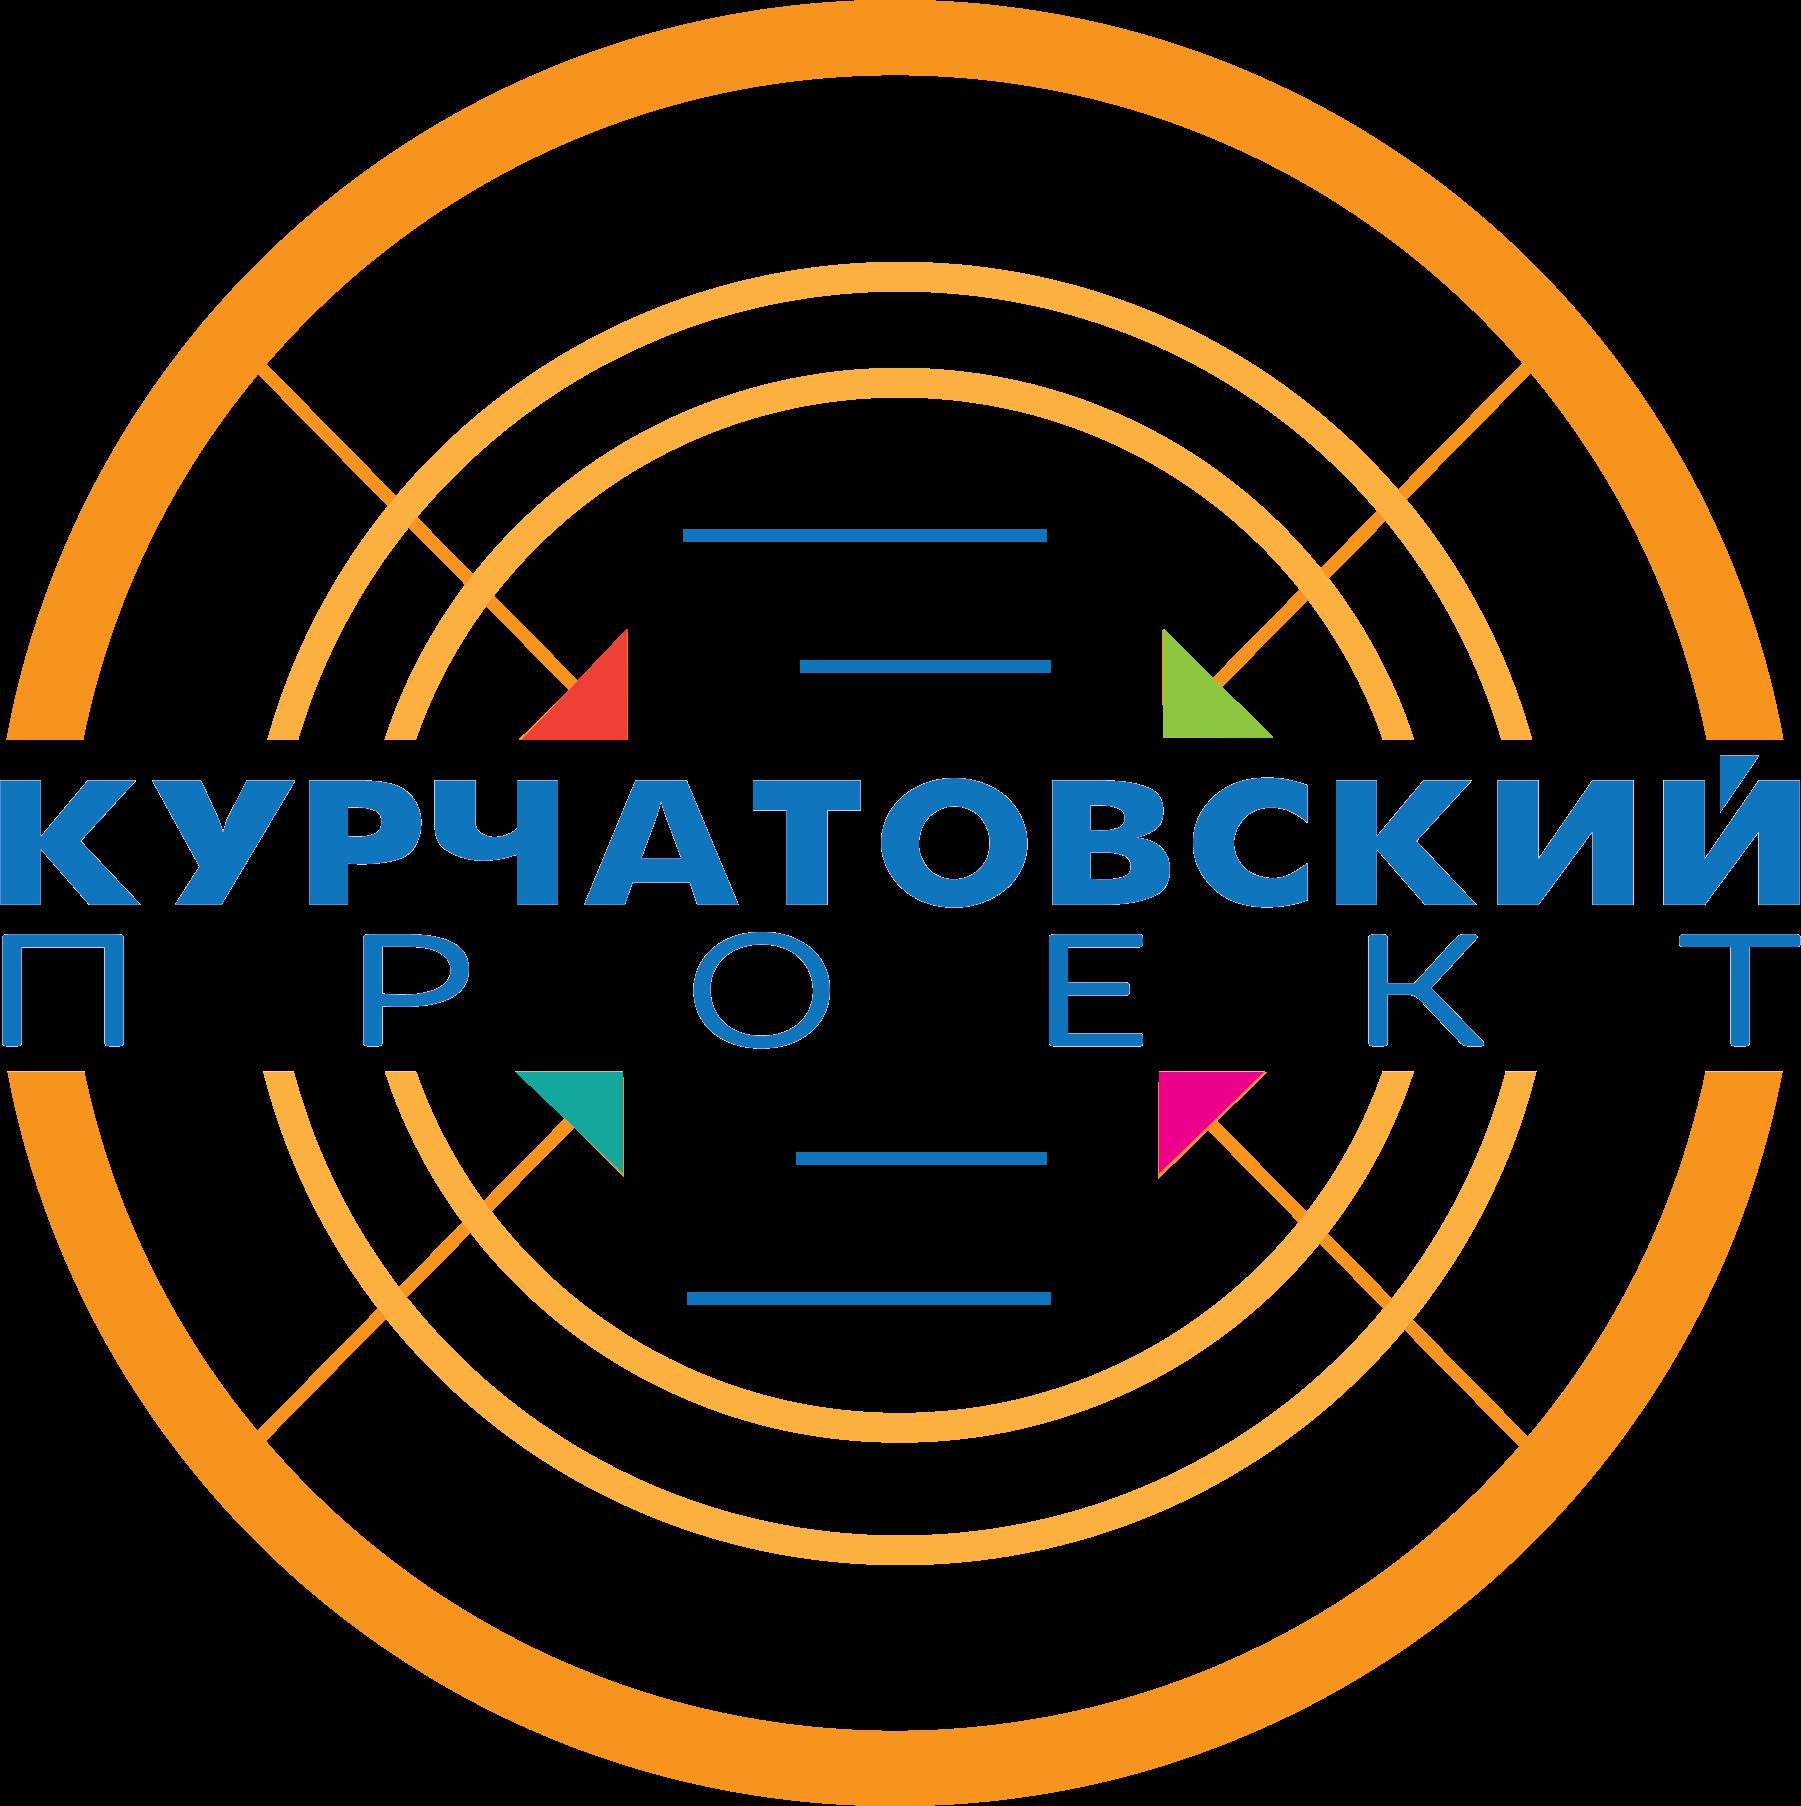 Мчс конкурс по всей россии